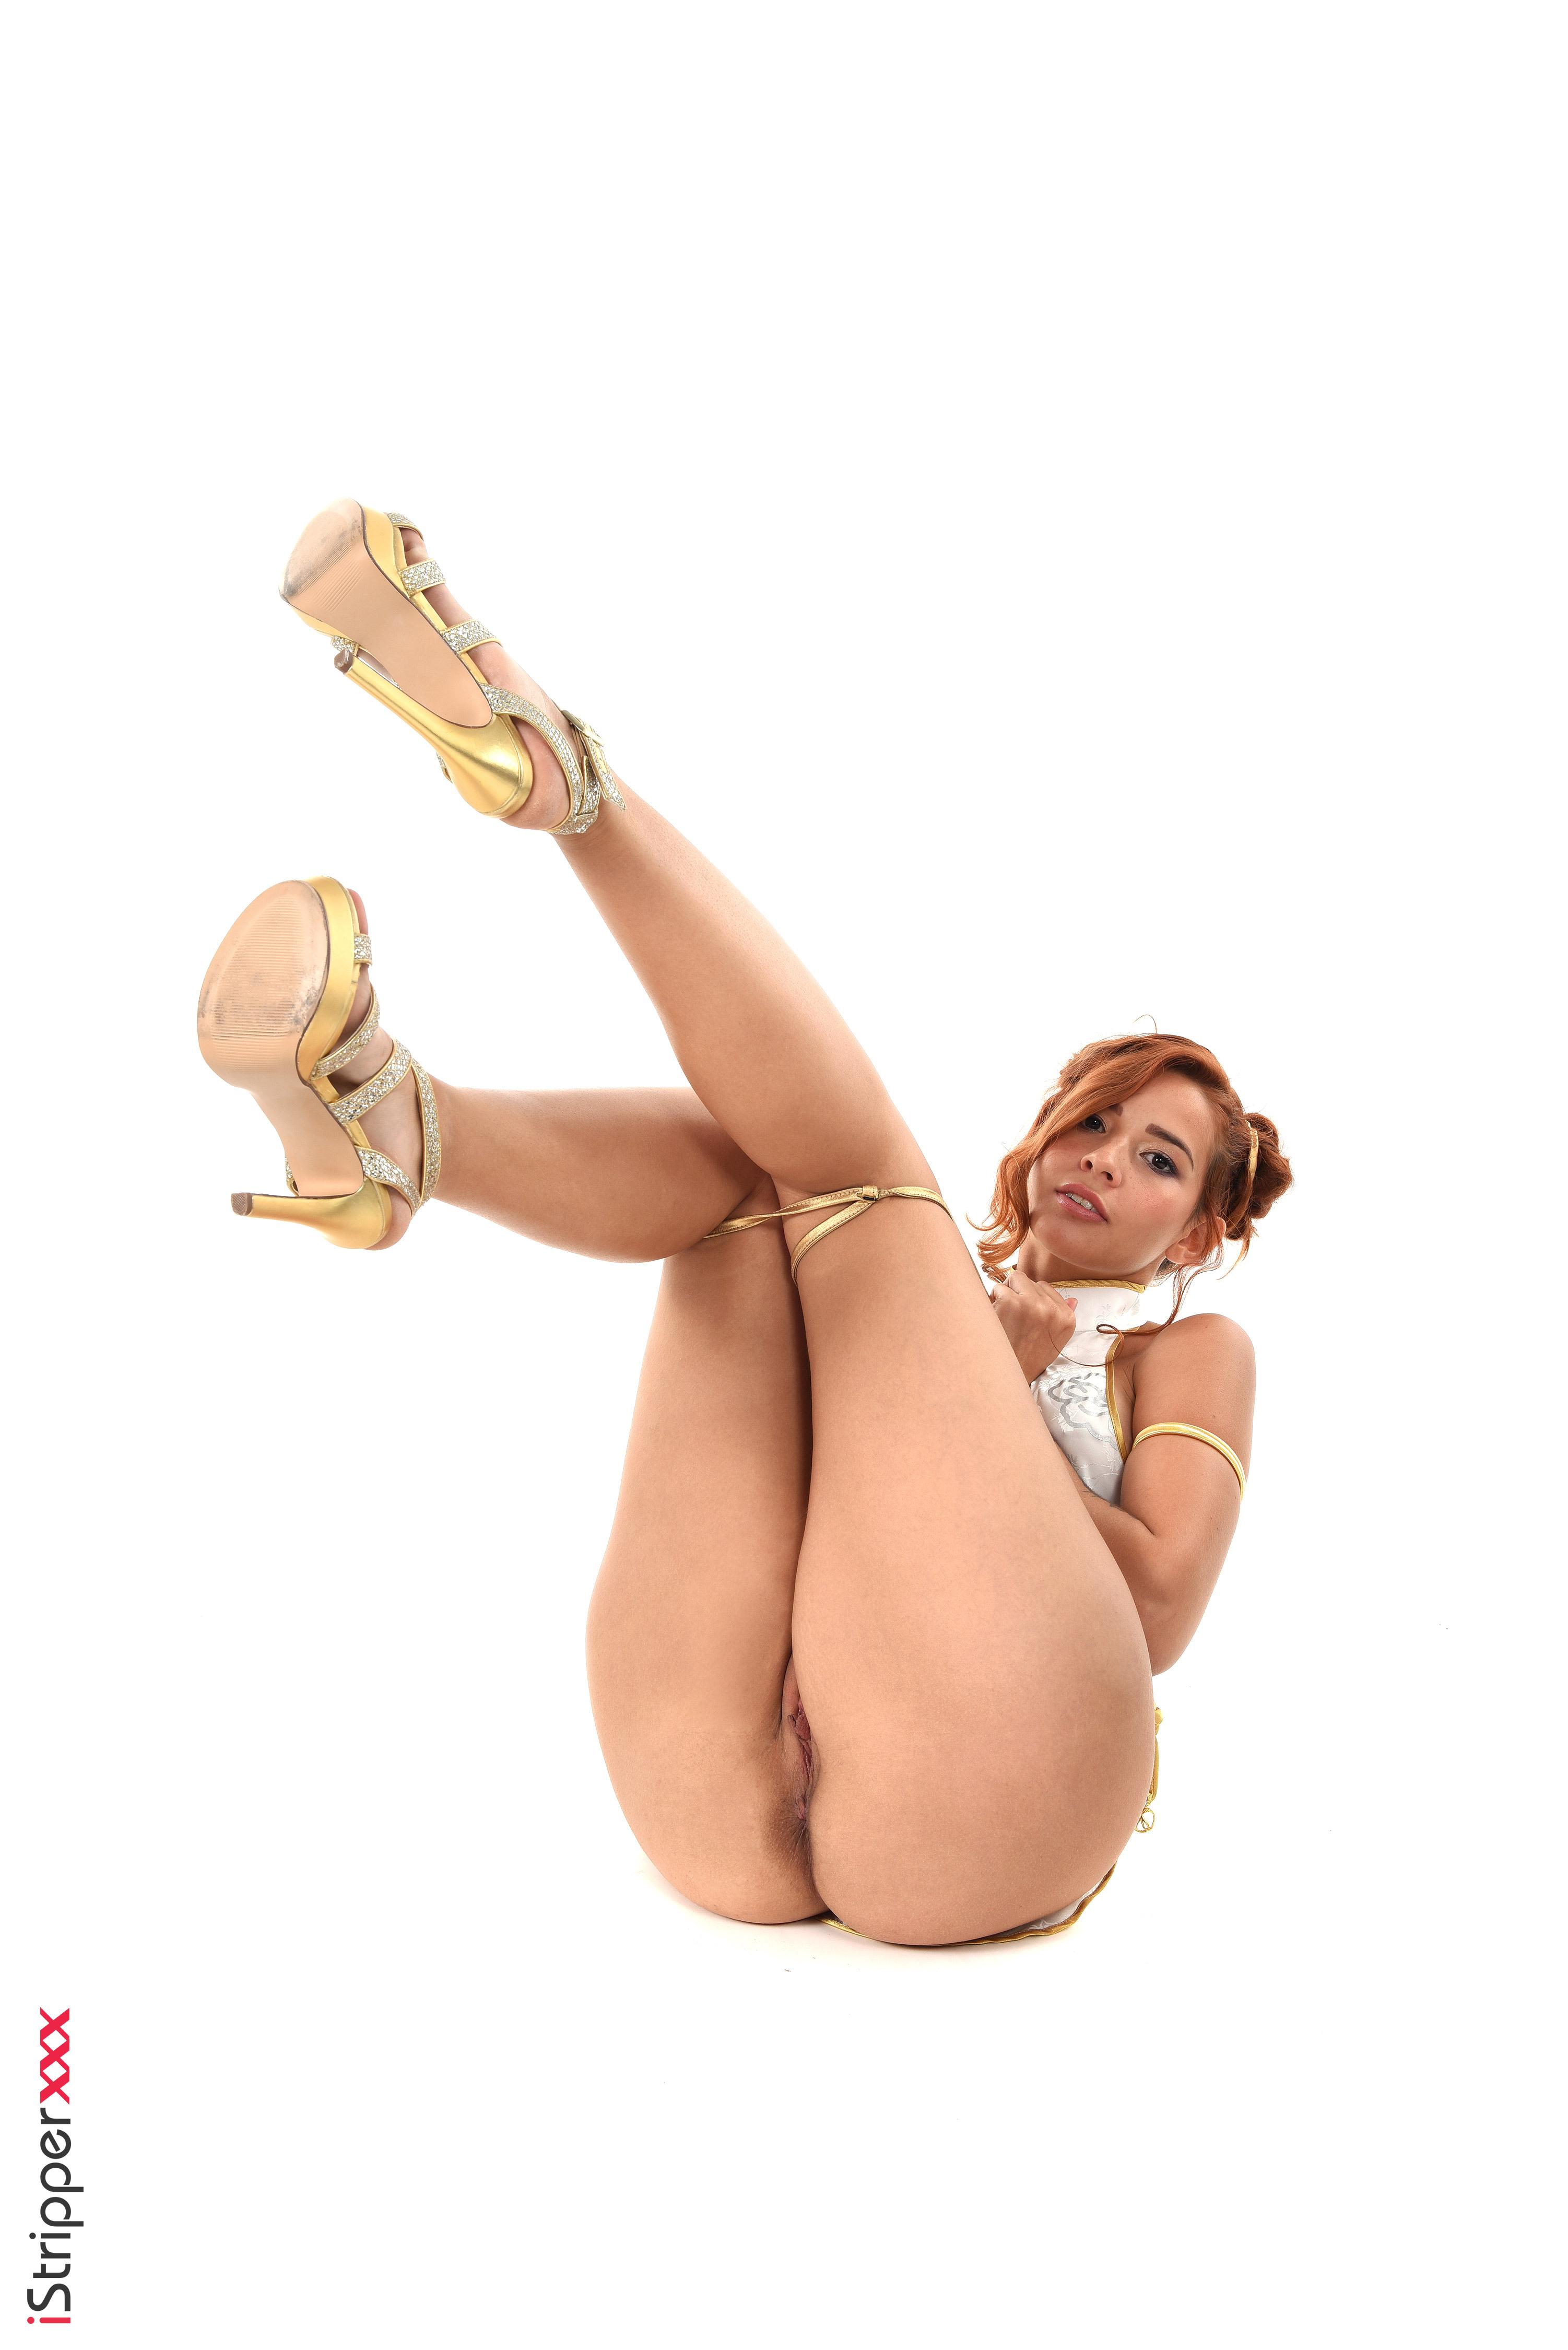 girl in hot lingerie